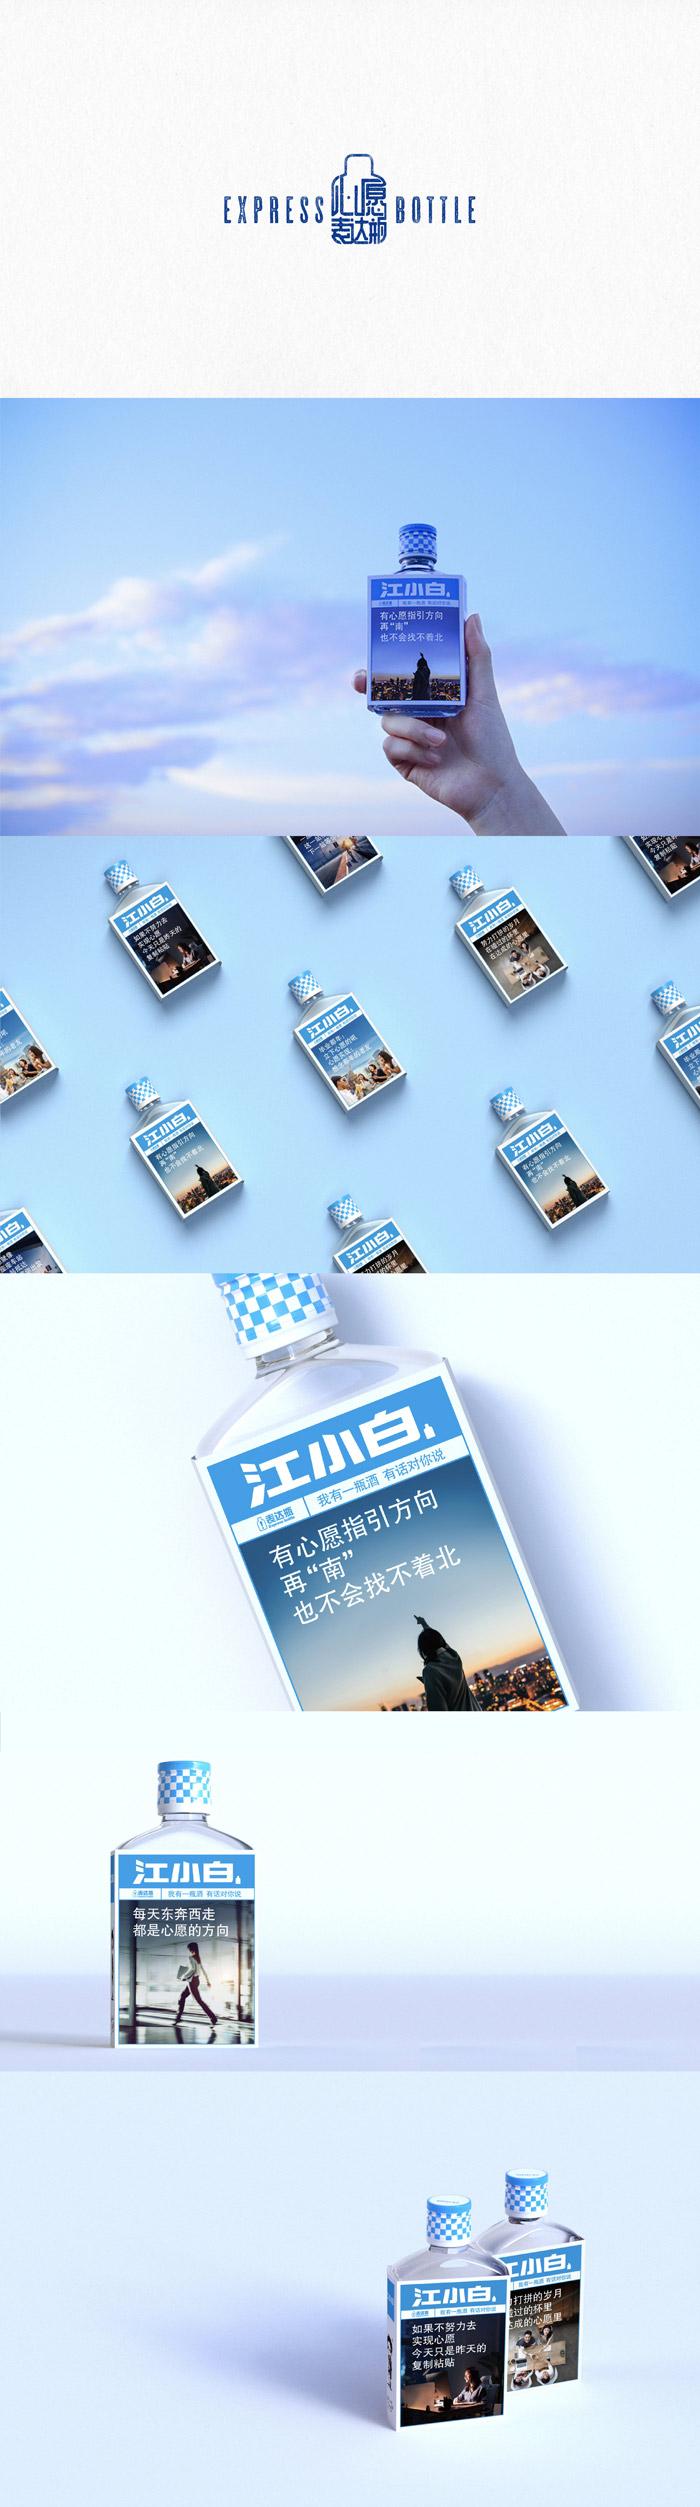 心愿瓶01gai